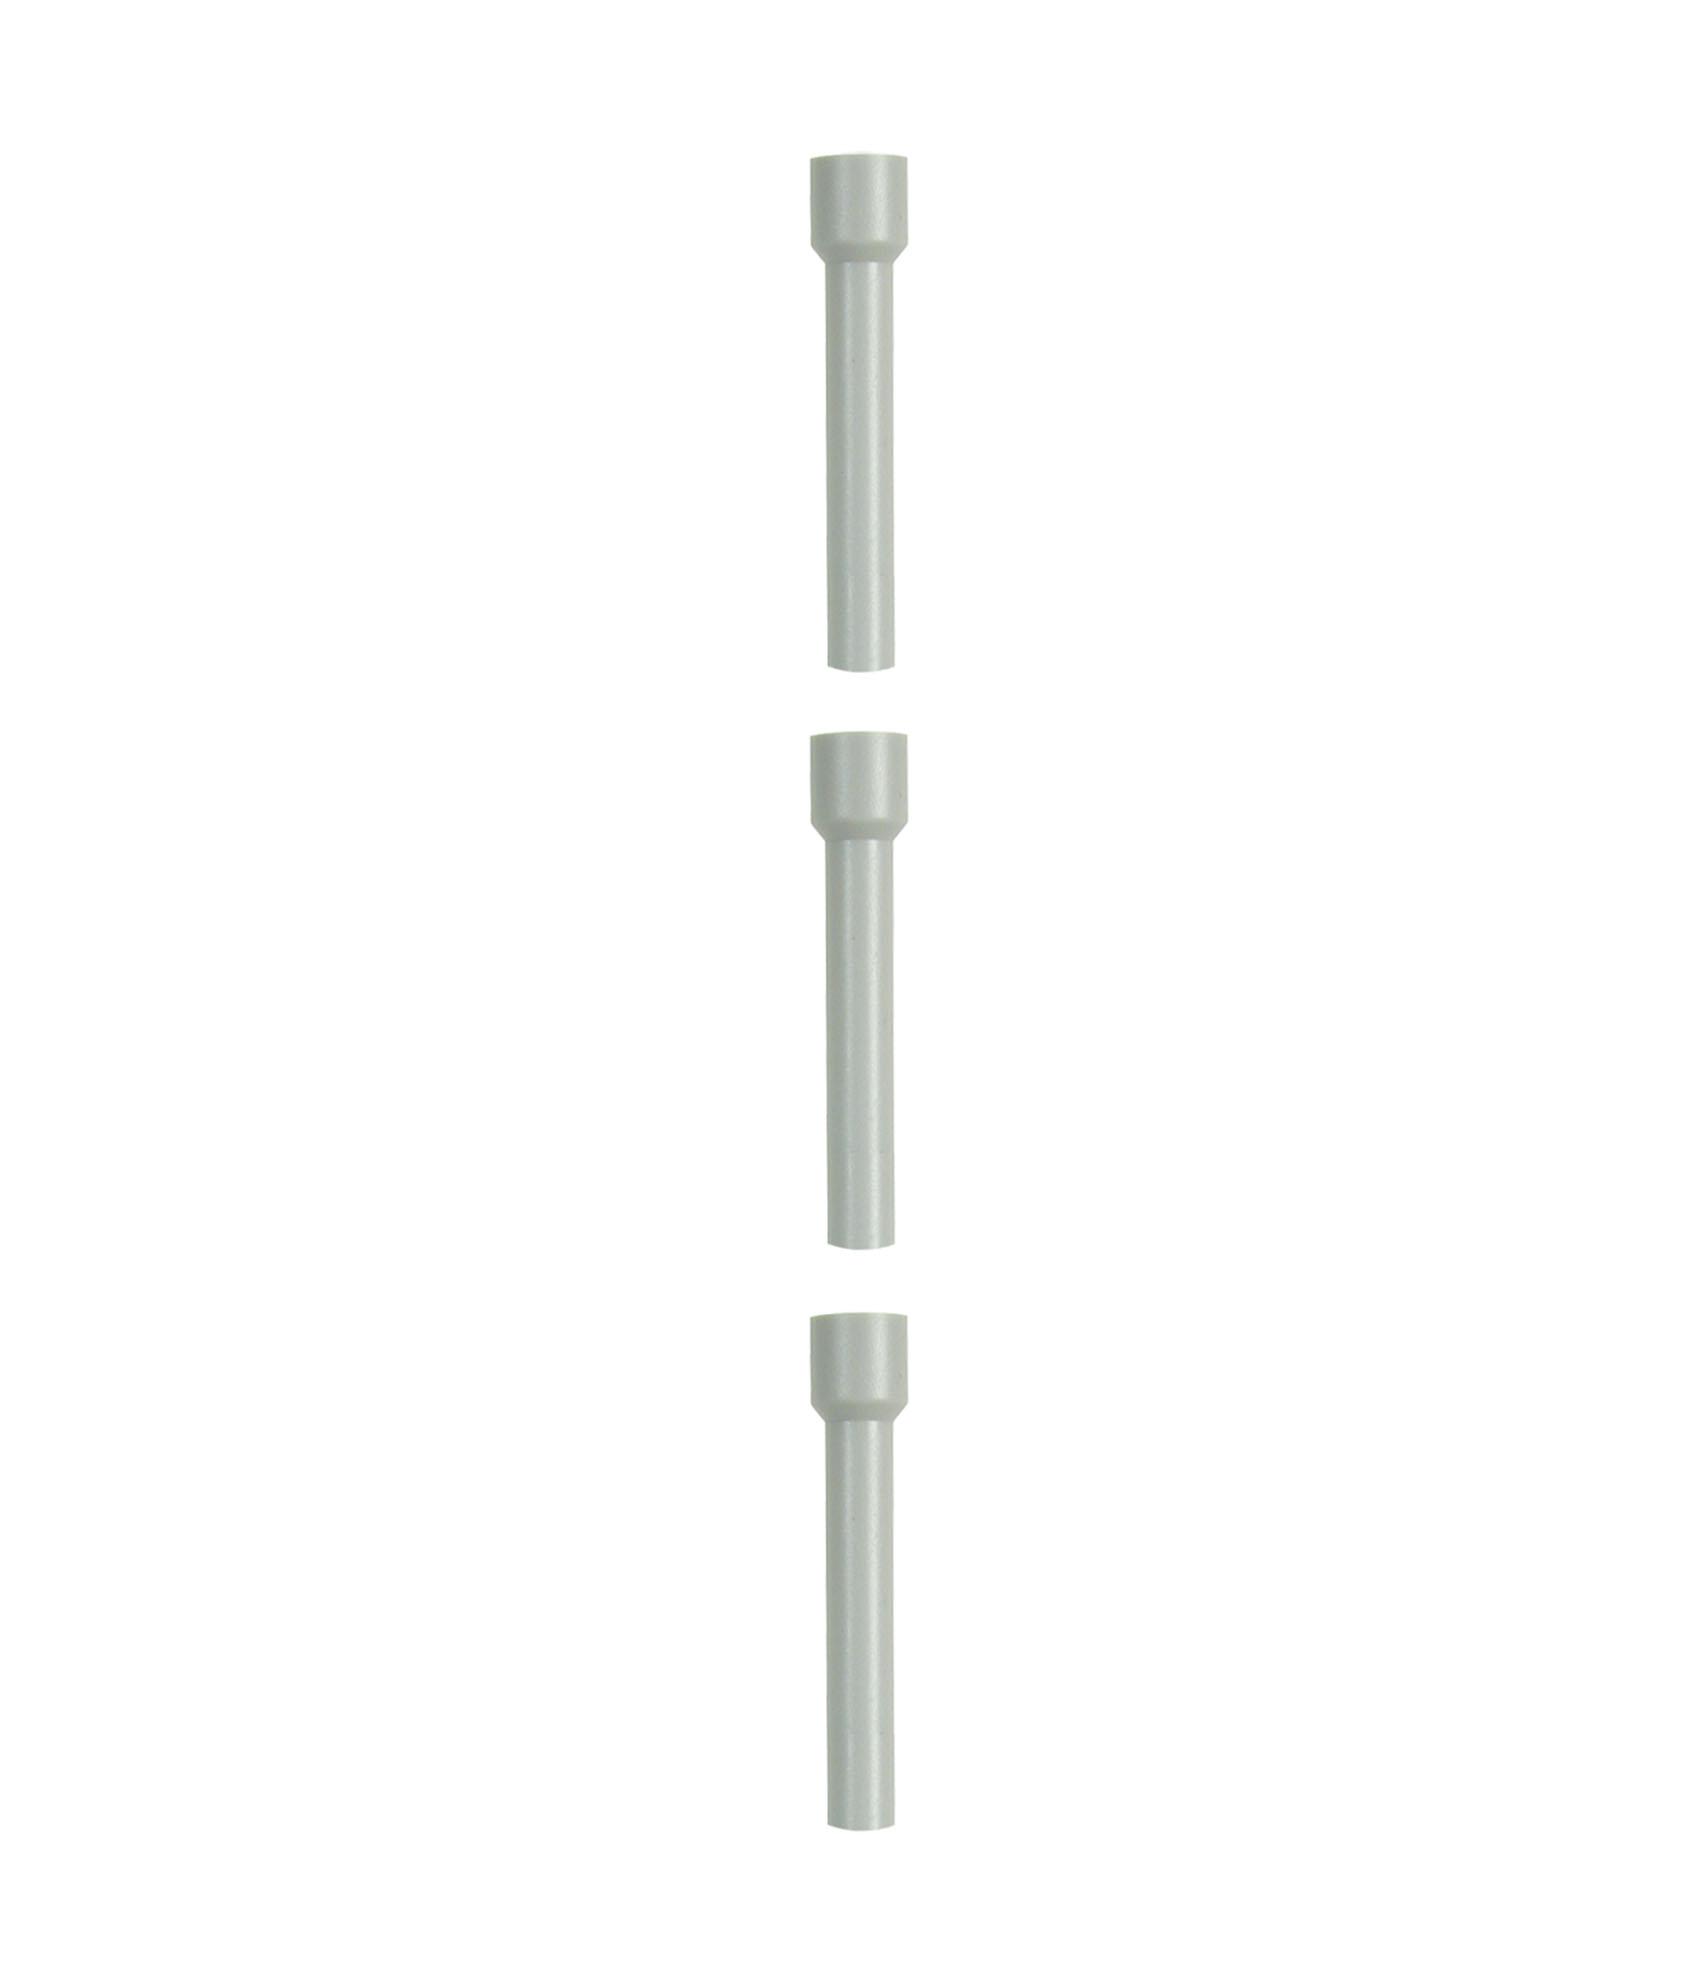 Viessmann 6833 Verlängerungen für Hausbeleuchtungssockel, 3 Stück